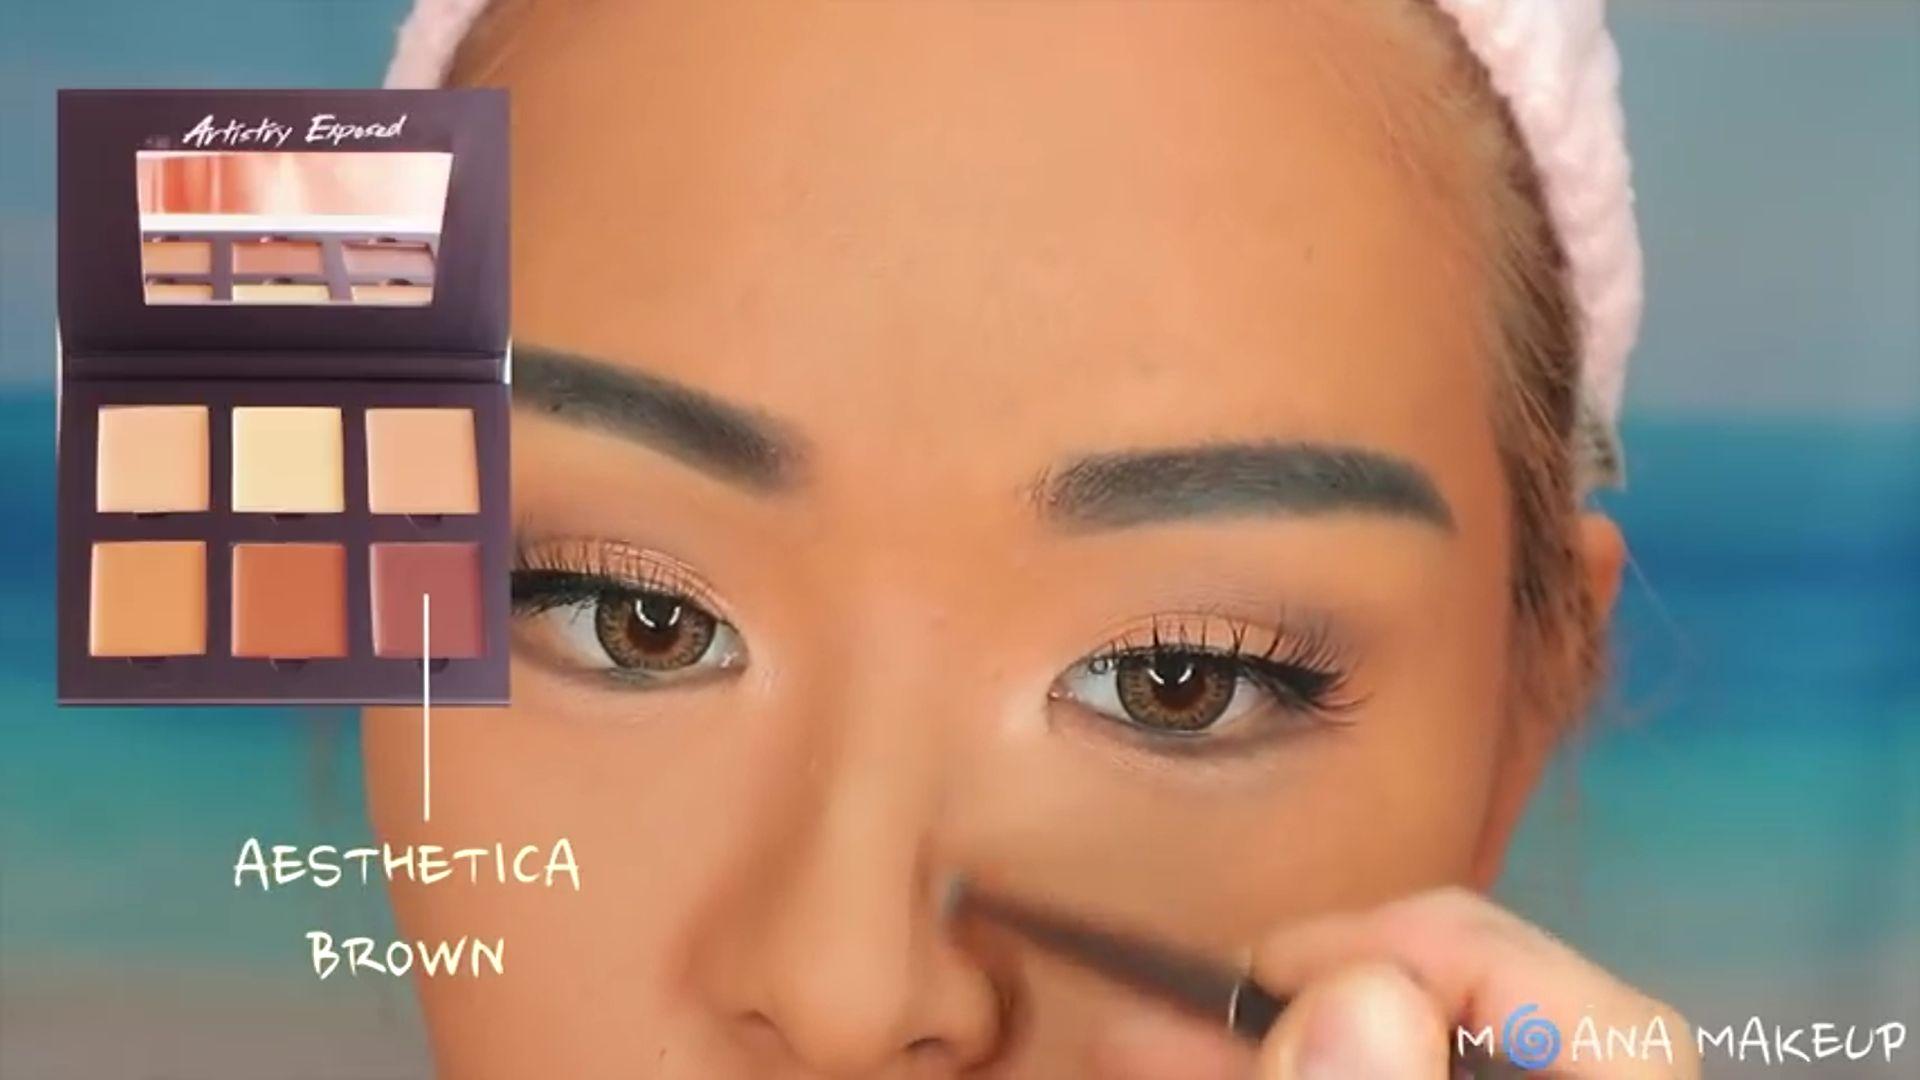 Maquíllate como Moana fukuse yuuriマリリン 2020. sombra marrón para dibujar la nariz